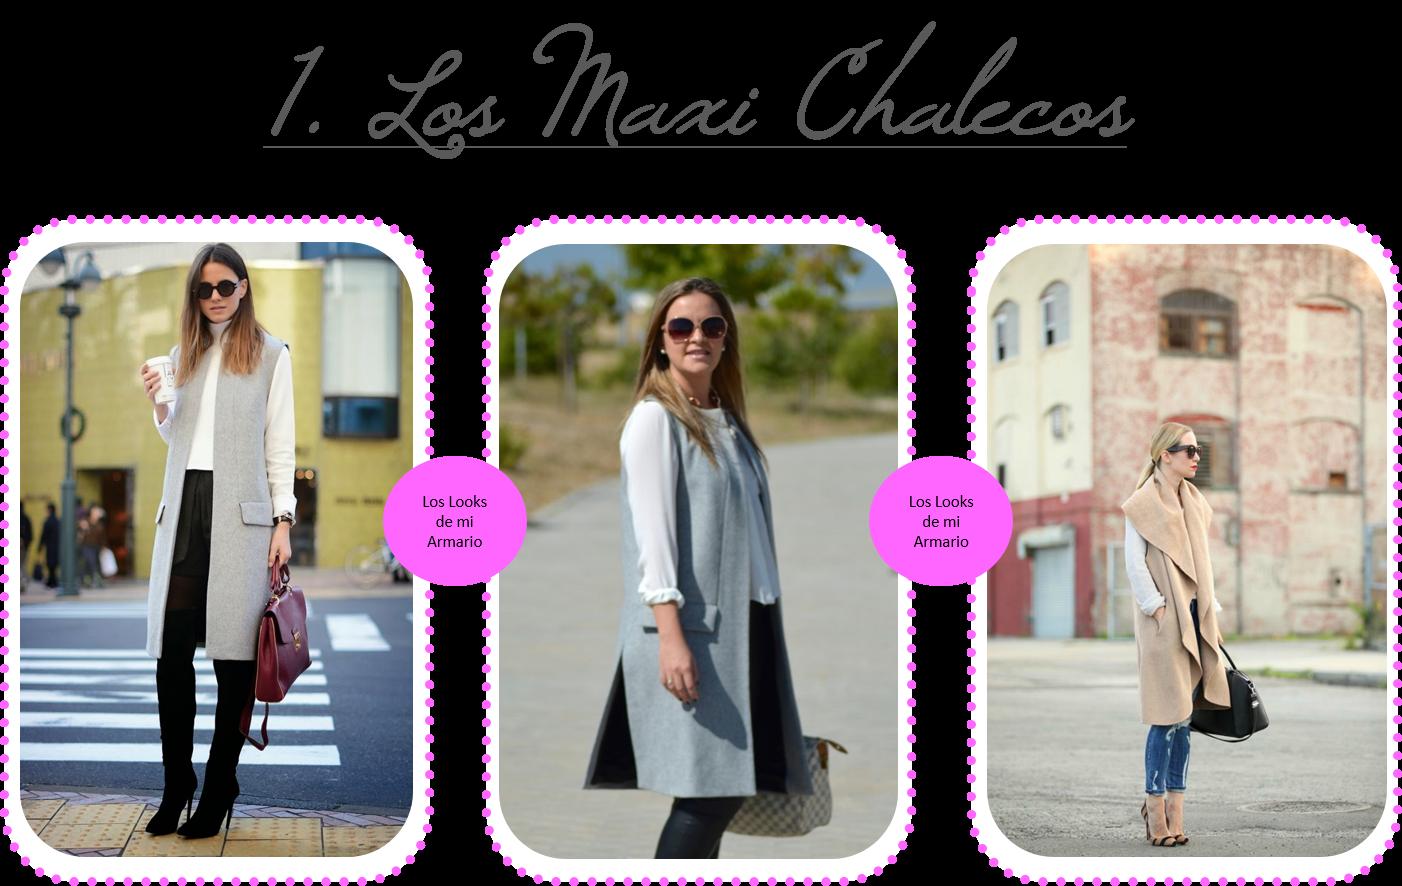 portada-los-looks-de-mi-armario-tendencias-otoño-invierno-2015-2016-talla-grande-curvy-moda-para-gorditas-flecos-ante-años-70-personal-shopper-blogger-madrid-21